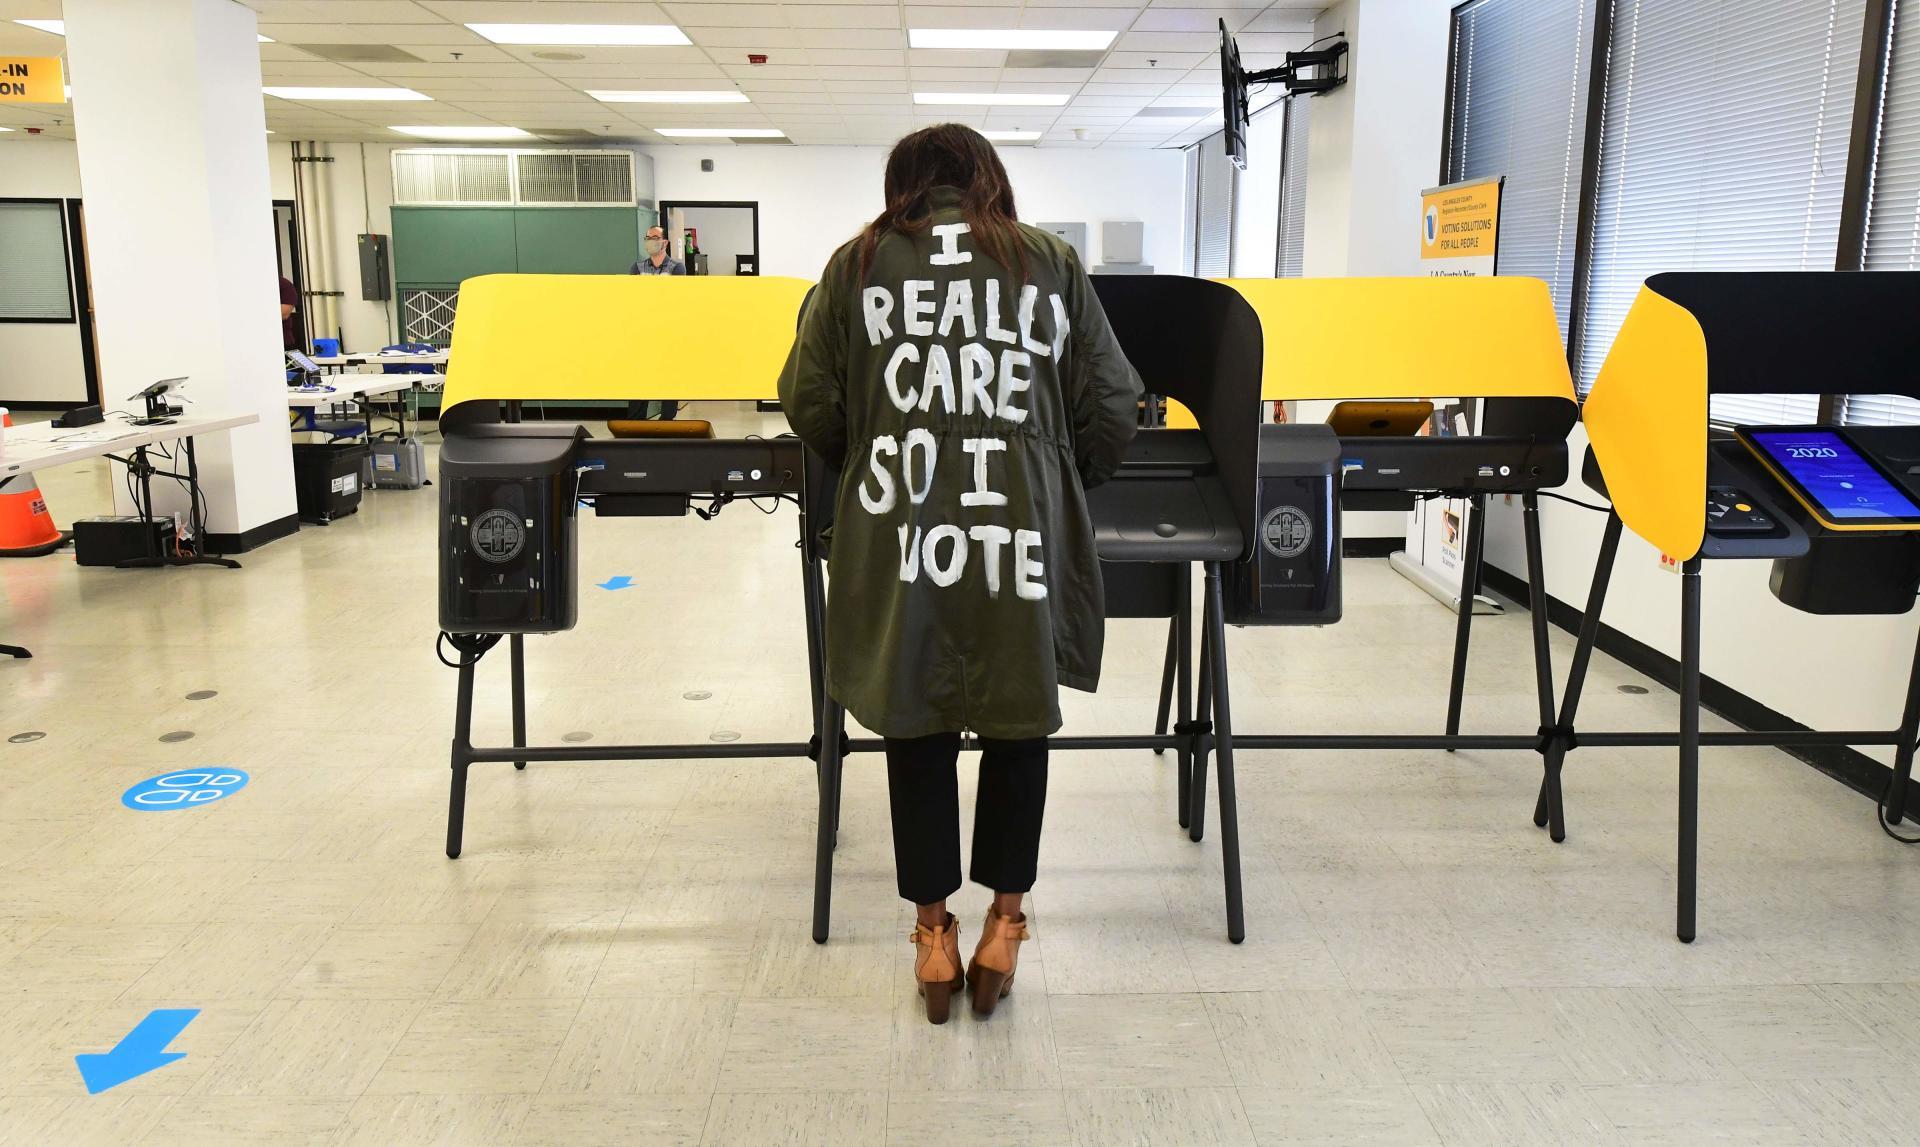 Le 19 octobre, au bureau de vote du comté de Los Angeles à Norwalk, un électeur a évoqué le rôle de la première dame américaine Melania Trump.  Elle avait exposé publiquement quelques jours plus tôt avec un manteau similaire sur lequel était écrit: